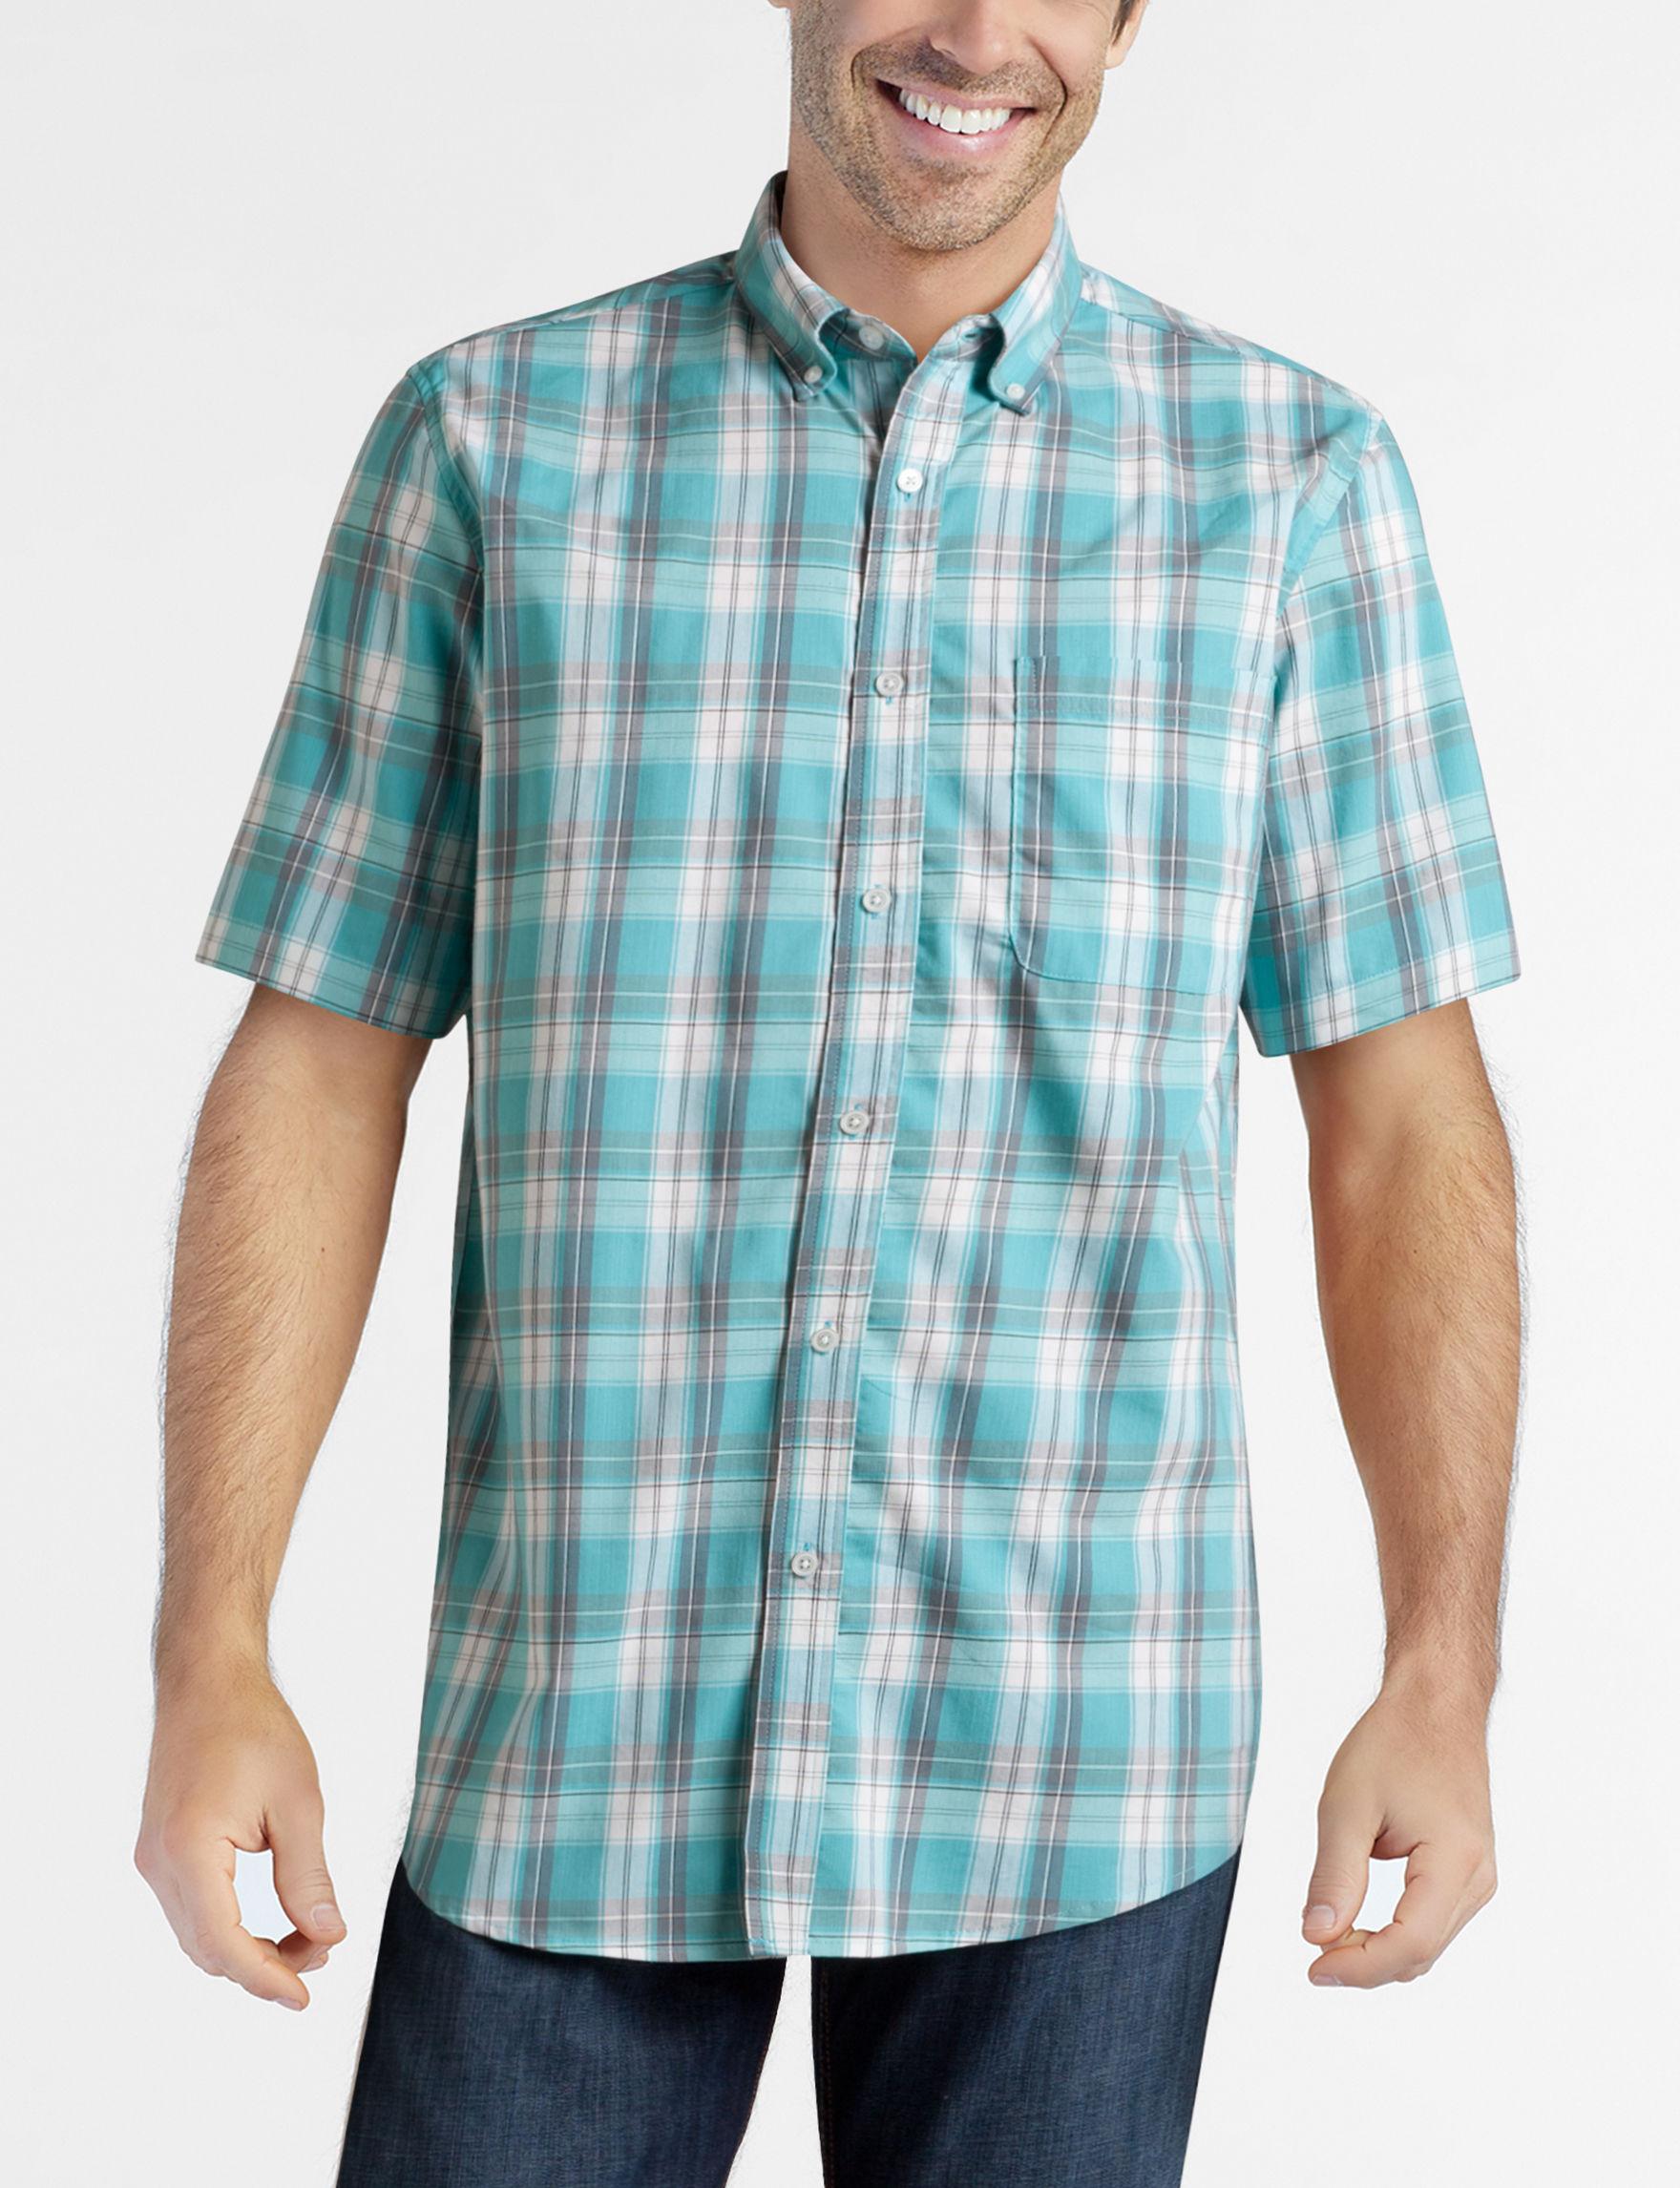 Sun River Deep Teal Plaid Casual Button Down Shirts